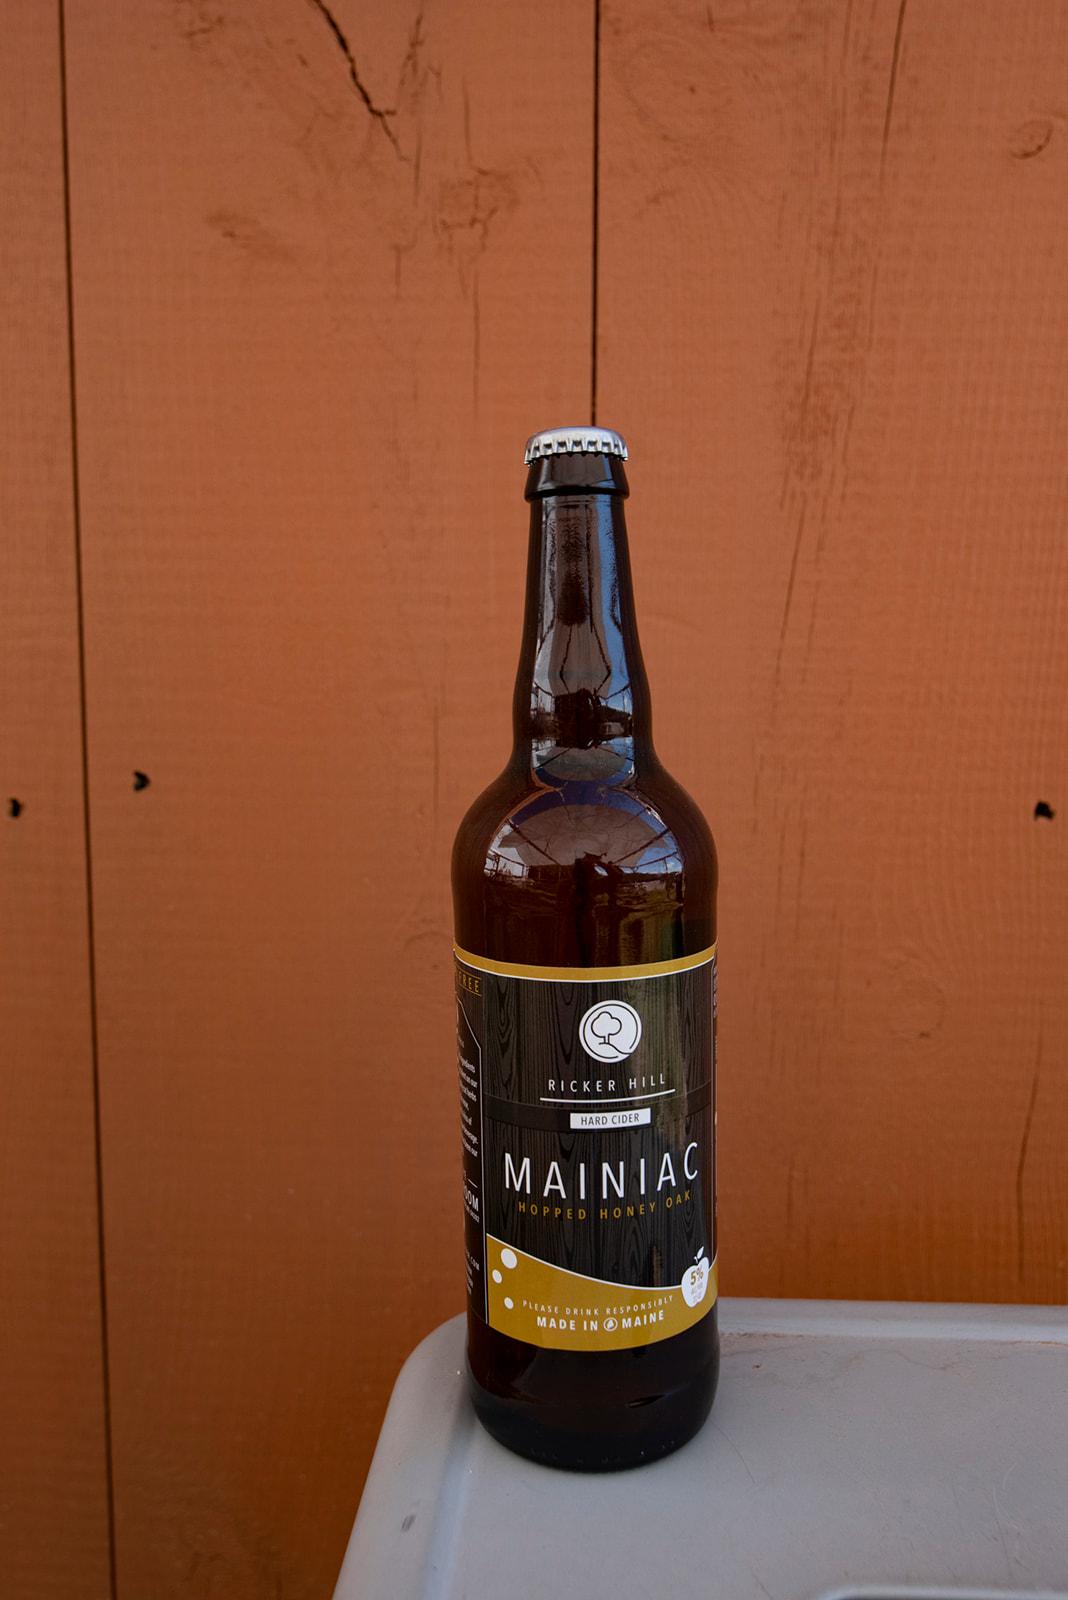 Ricker Hill Mainiac Hopped Honey Oak hard cider